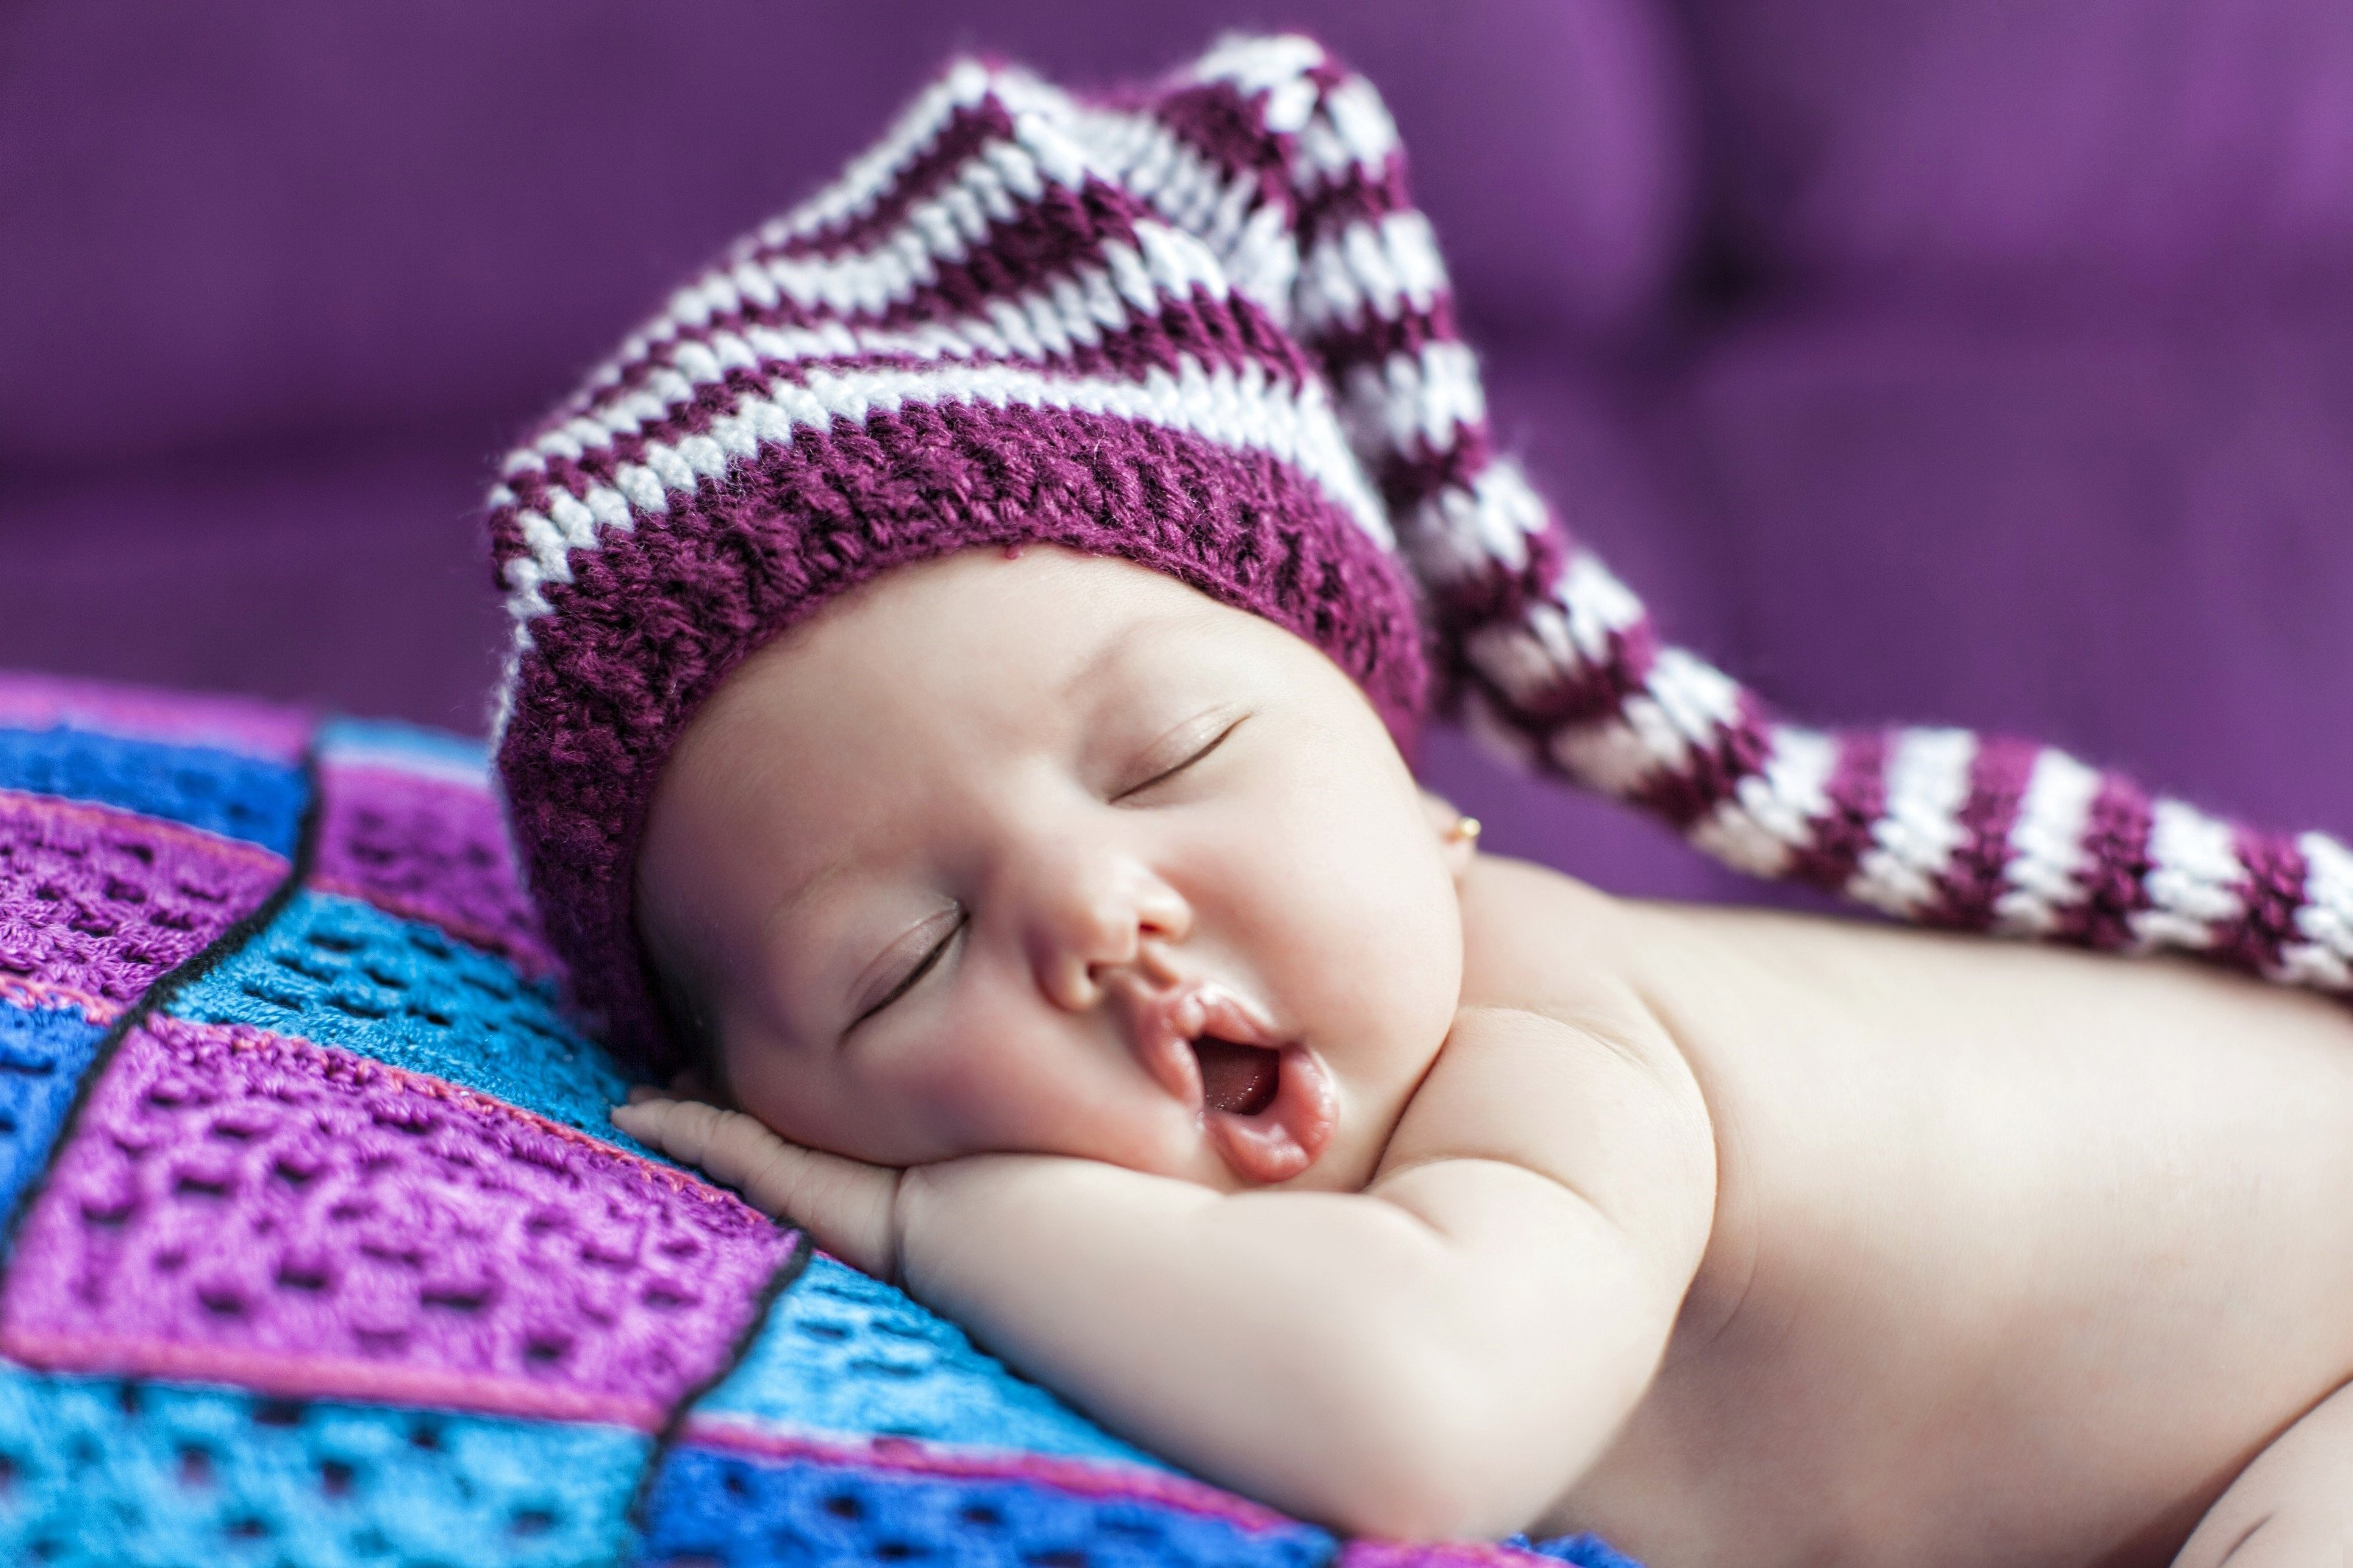 Малыш в кокосе  № 1799963 бесплатно